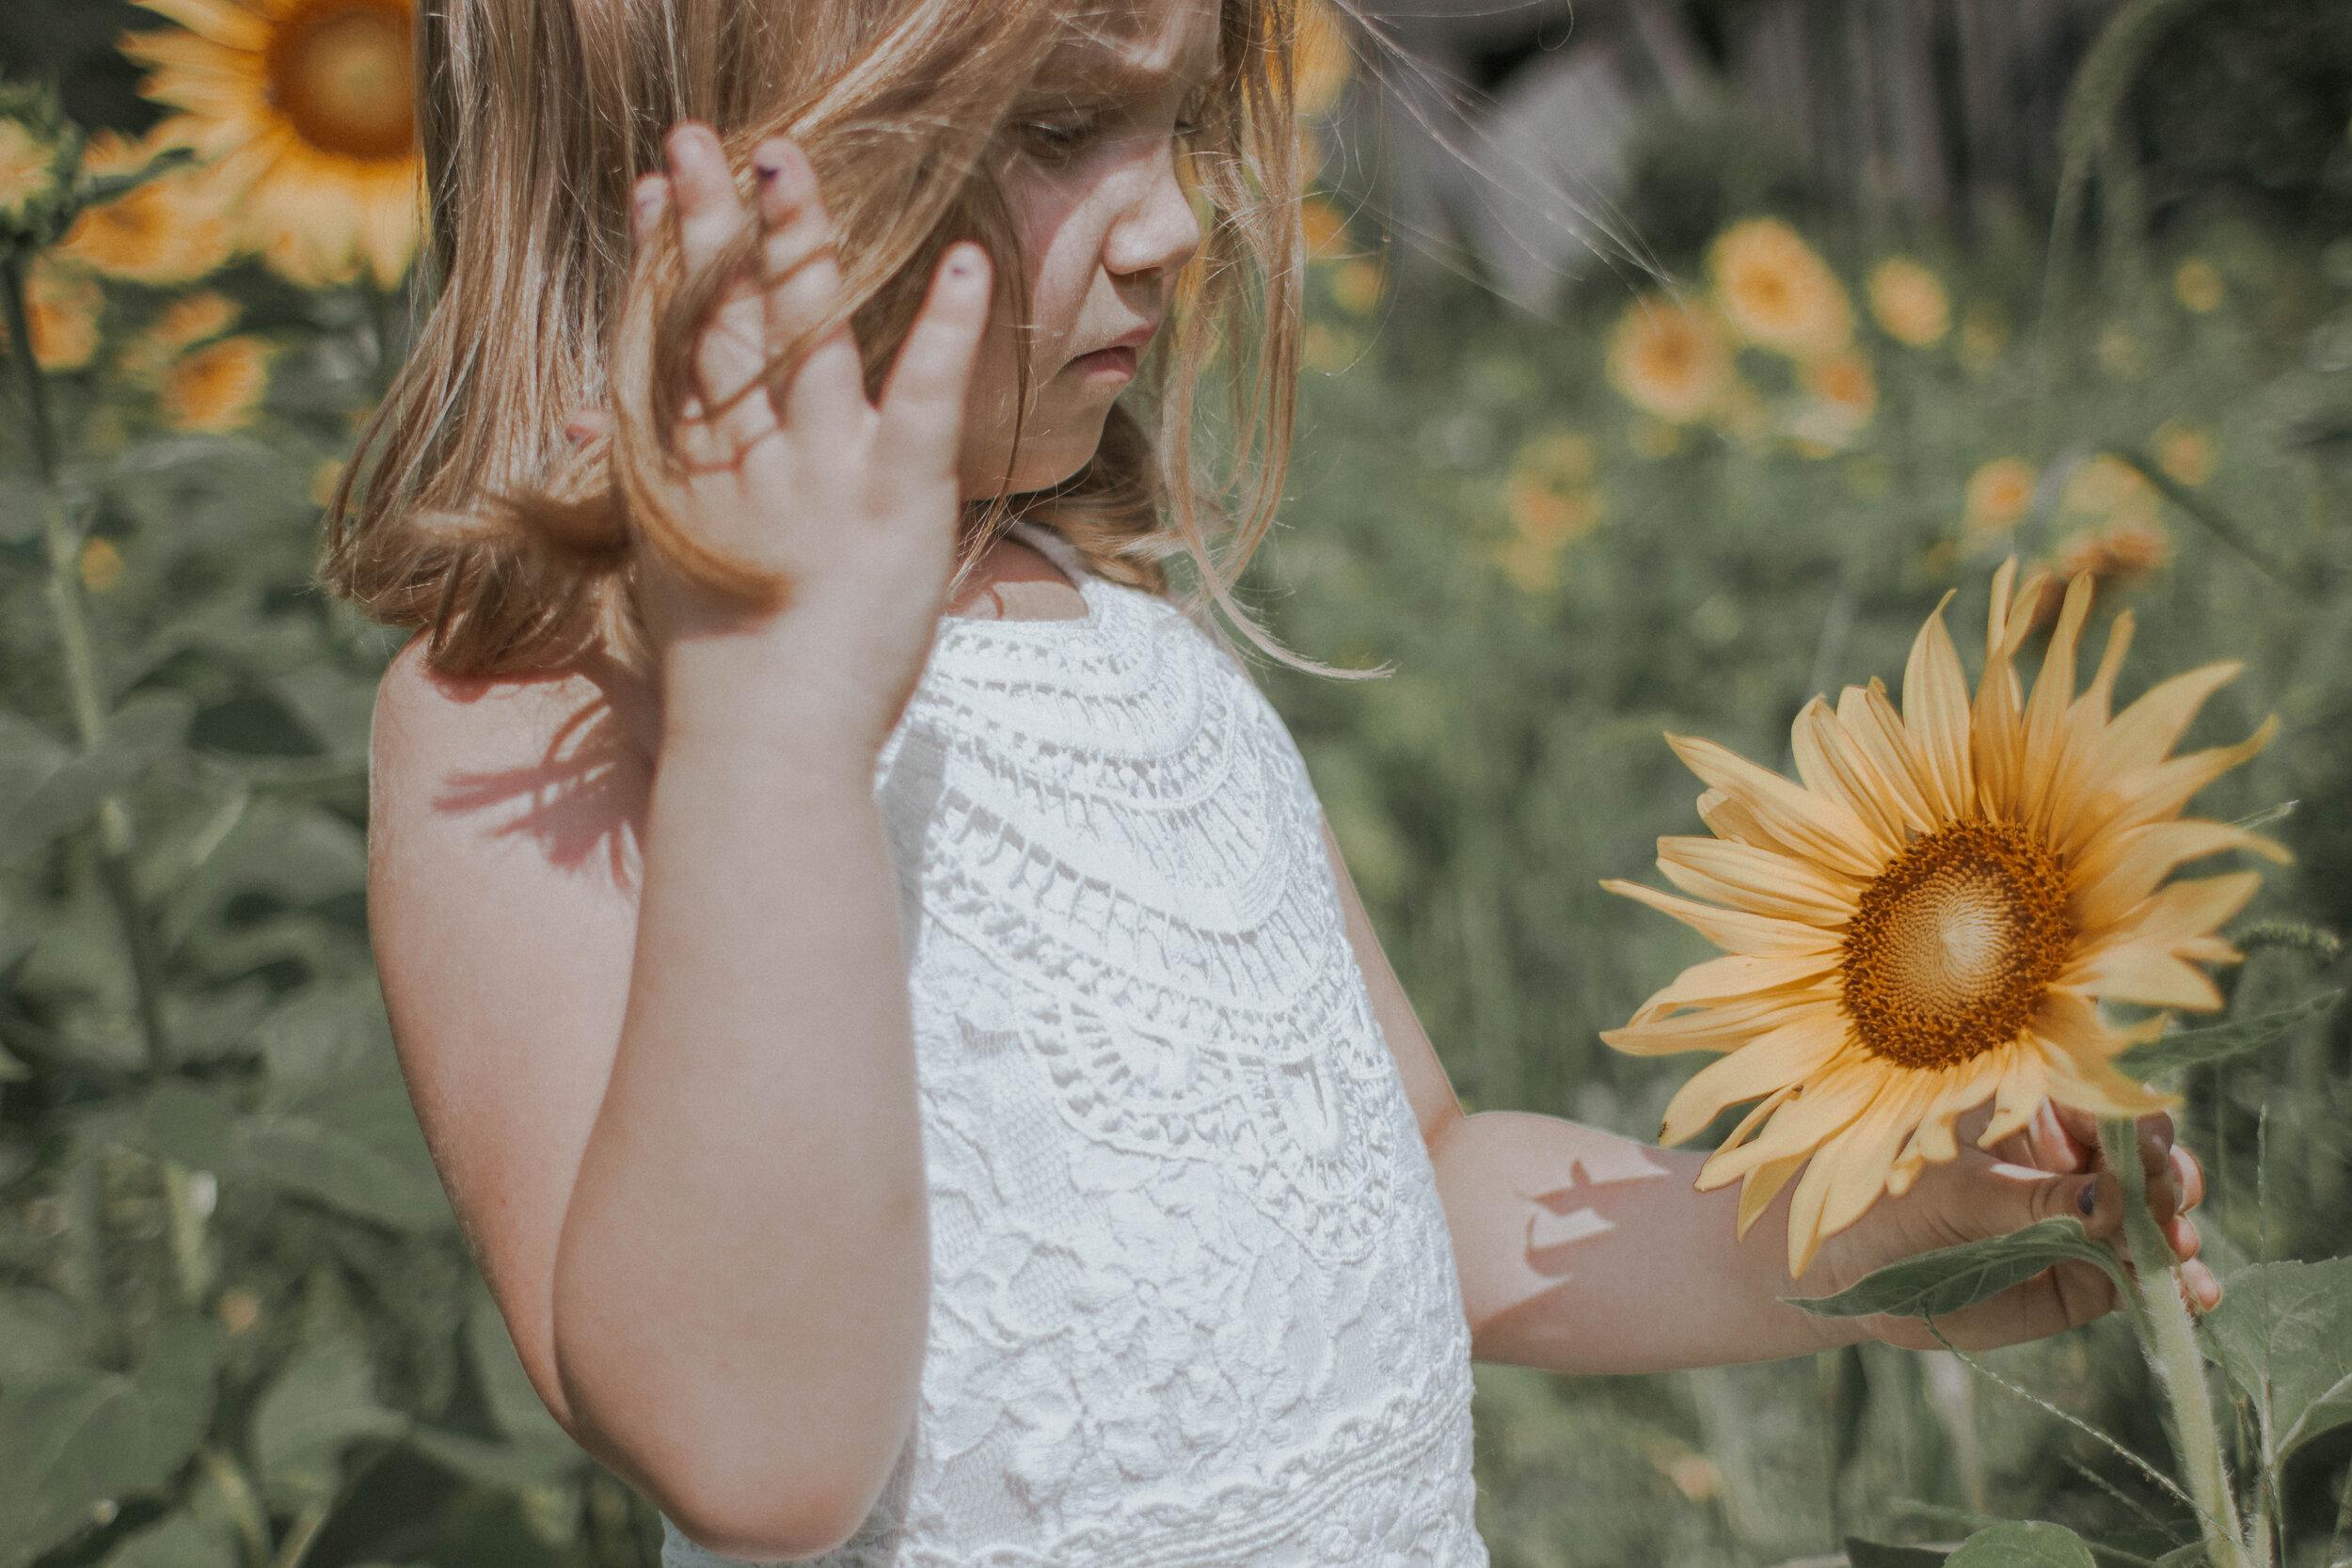 maggiemase_sunflowers_aug-30.jpg